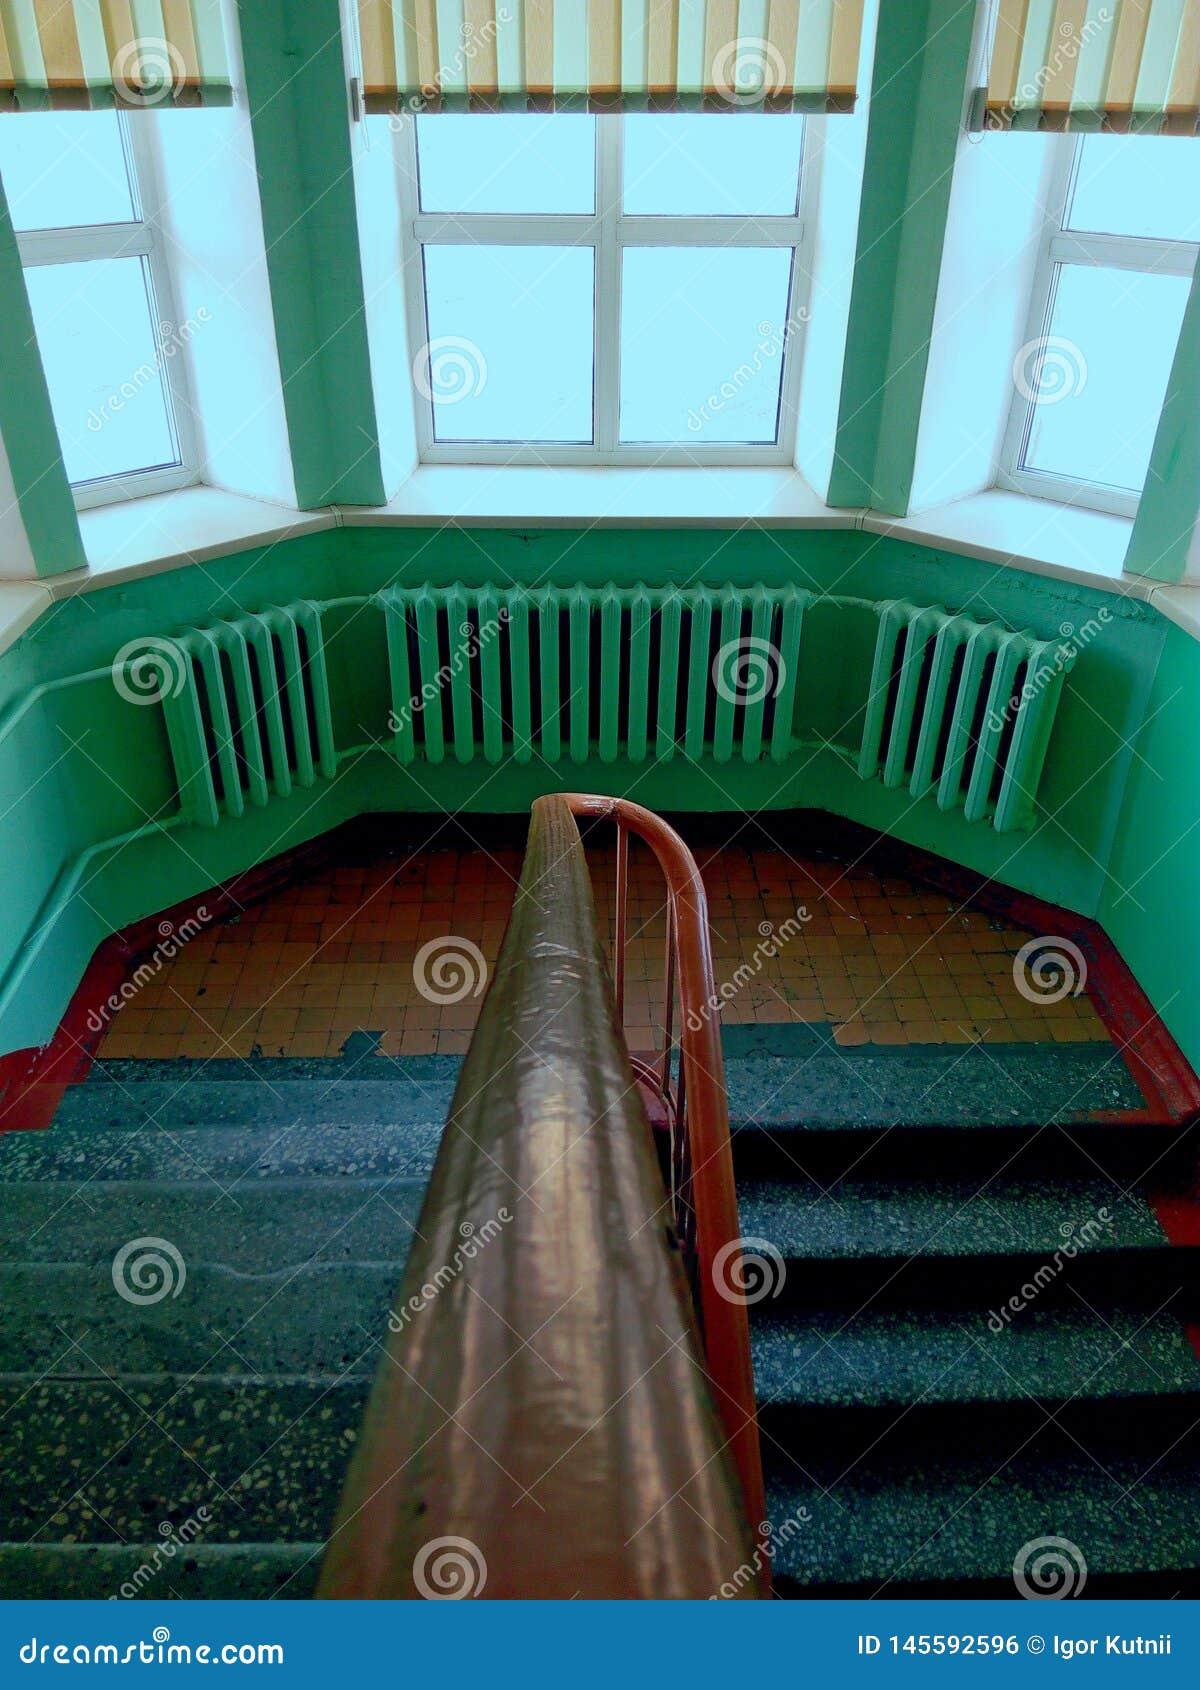 Σκάλα ενός παλαιού ορφανοτροφείου